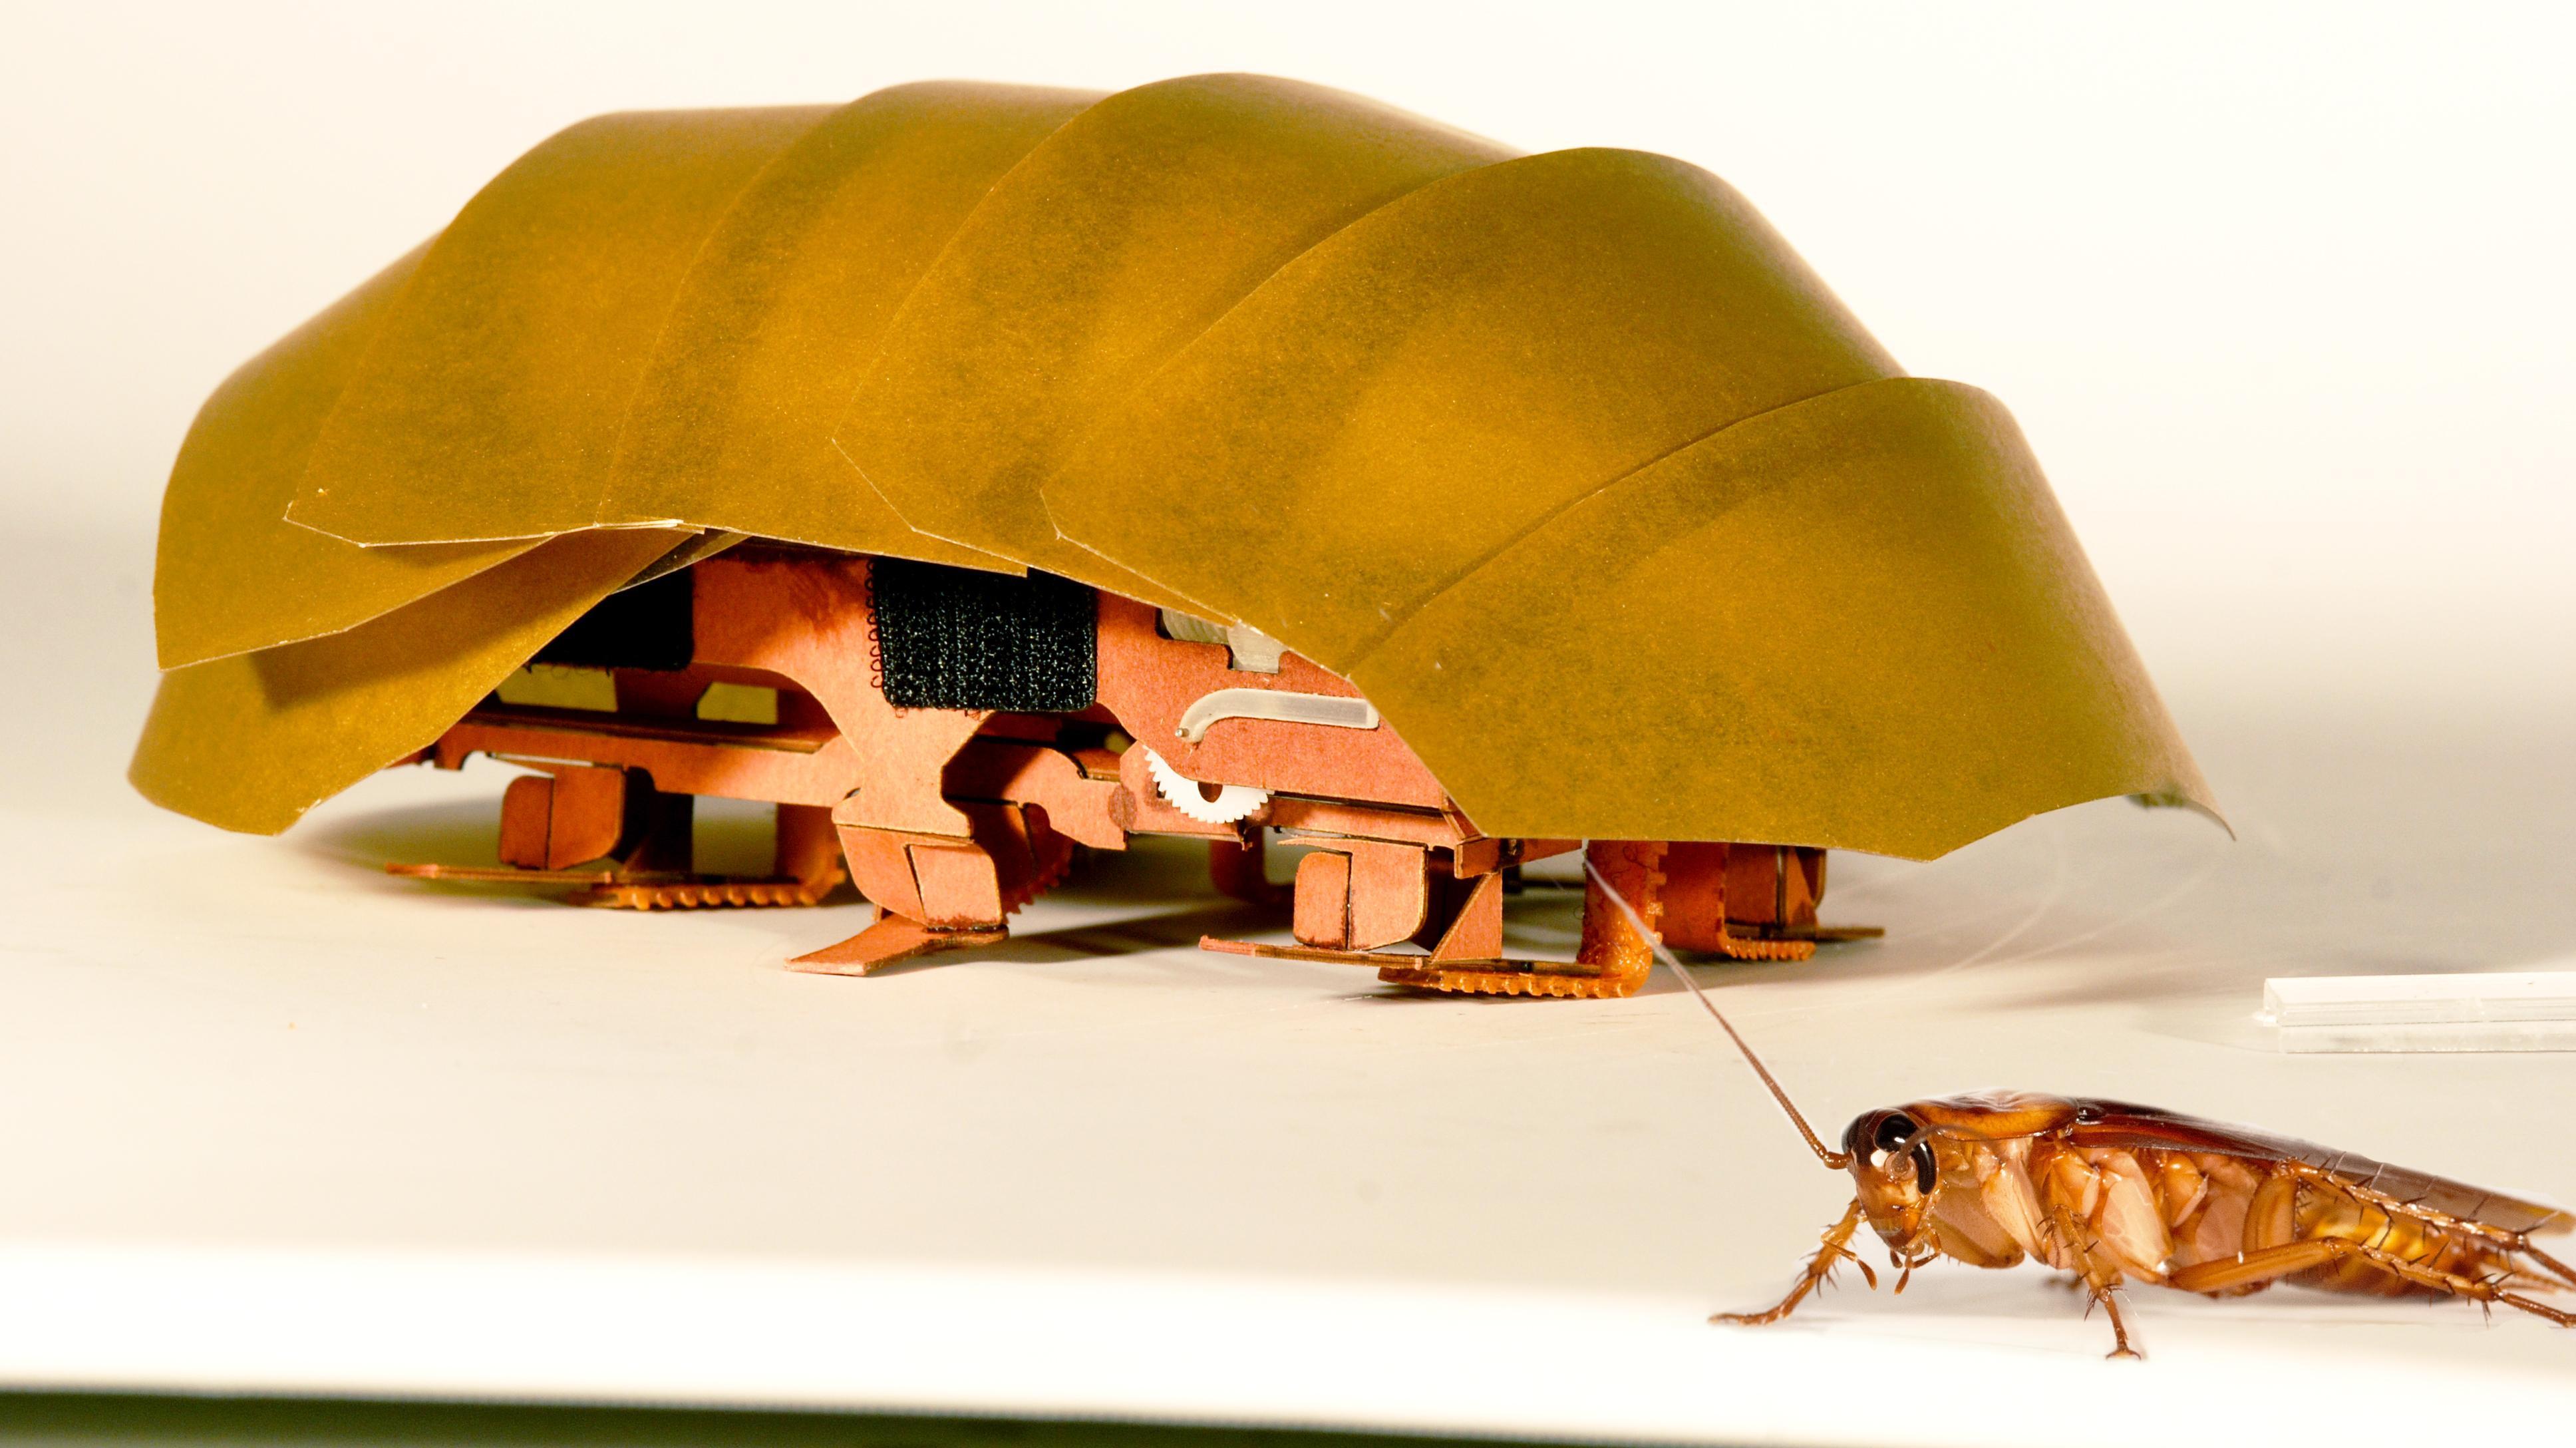 kakkerlakrobot.jpg